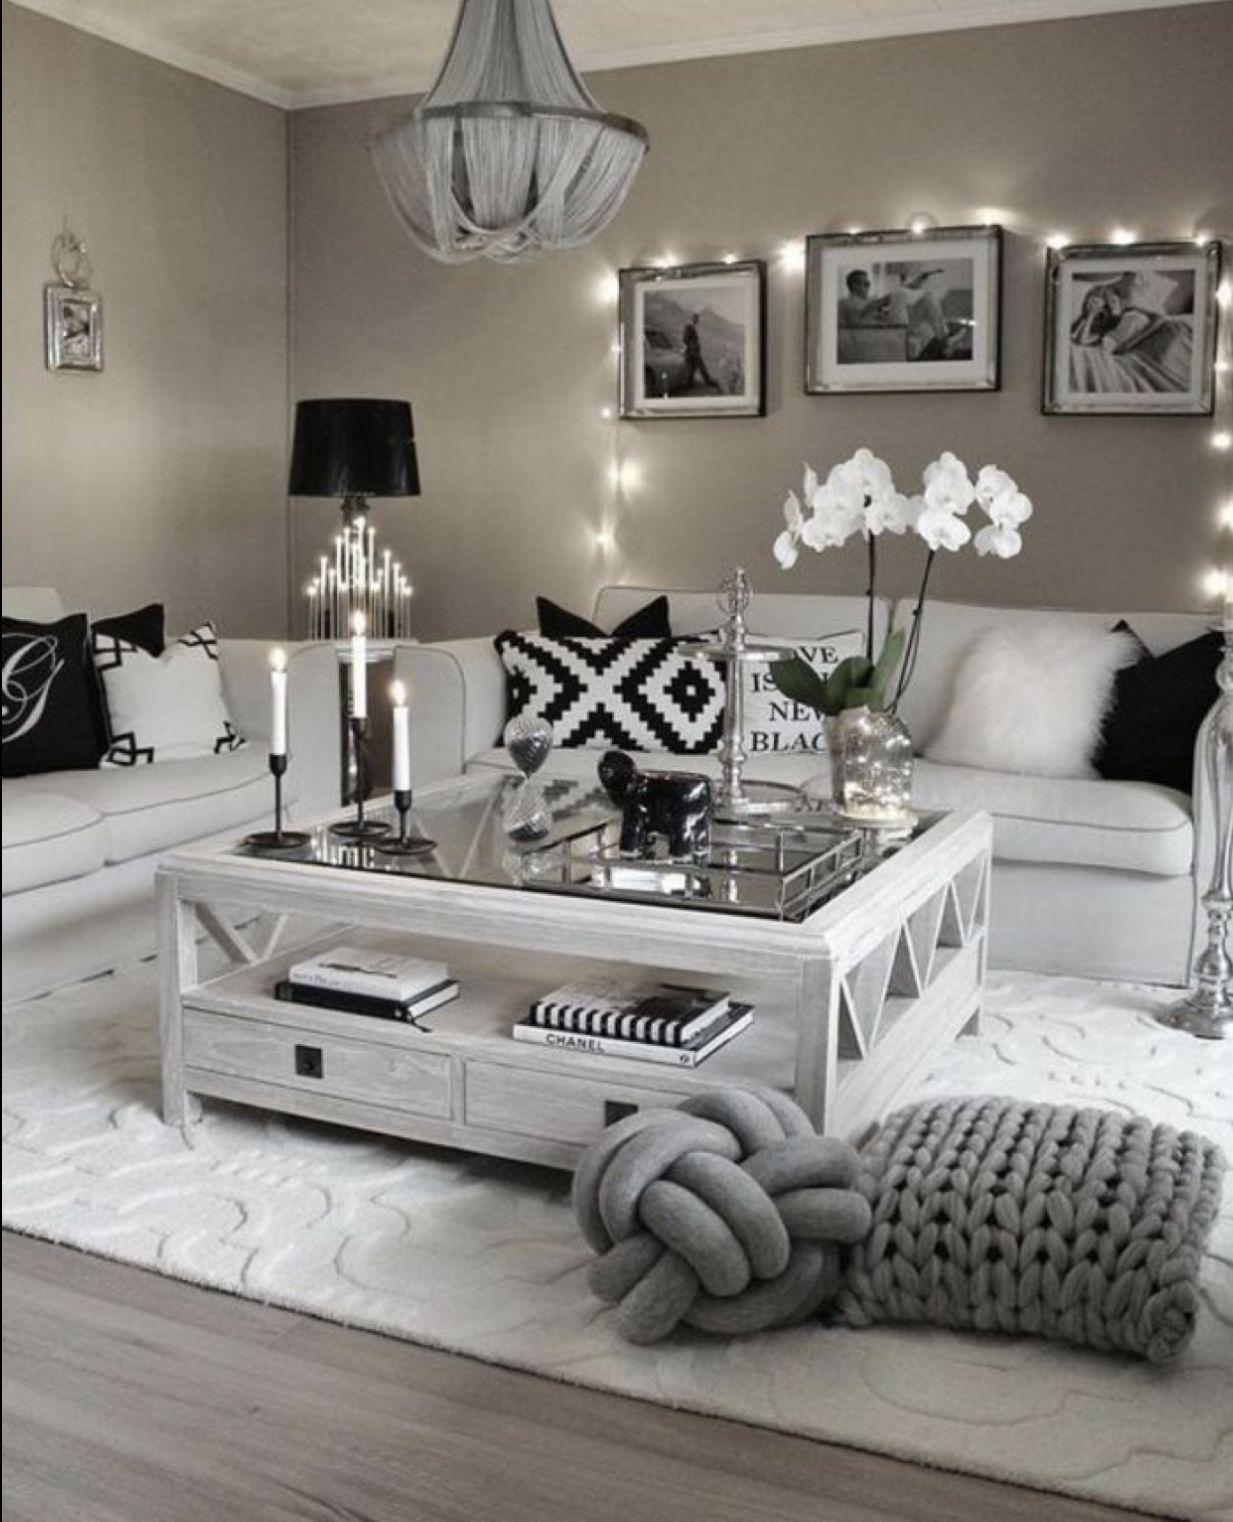 Deco Mur Salon Noir Et Blanc Épinglé par waleysa sur ma maison | idee salon, déco